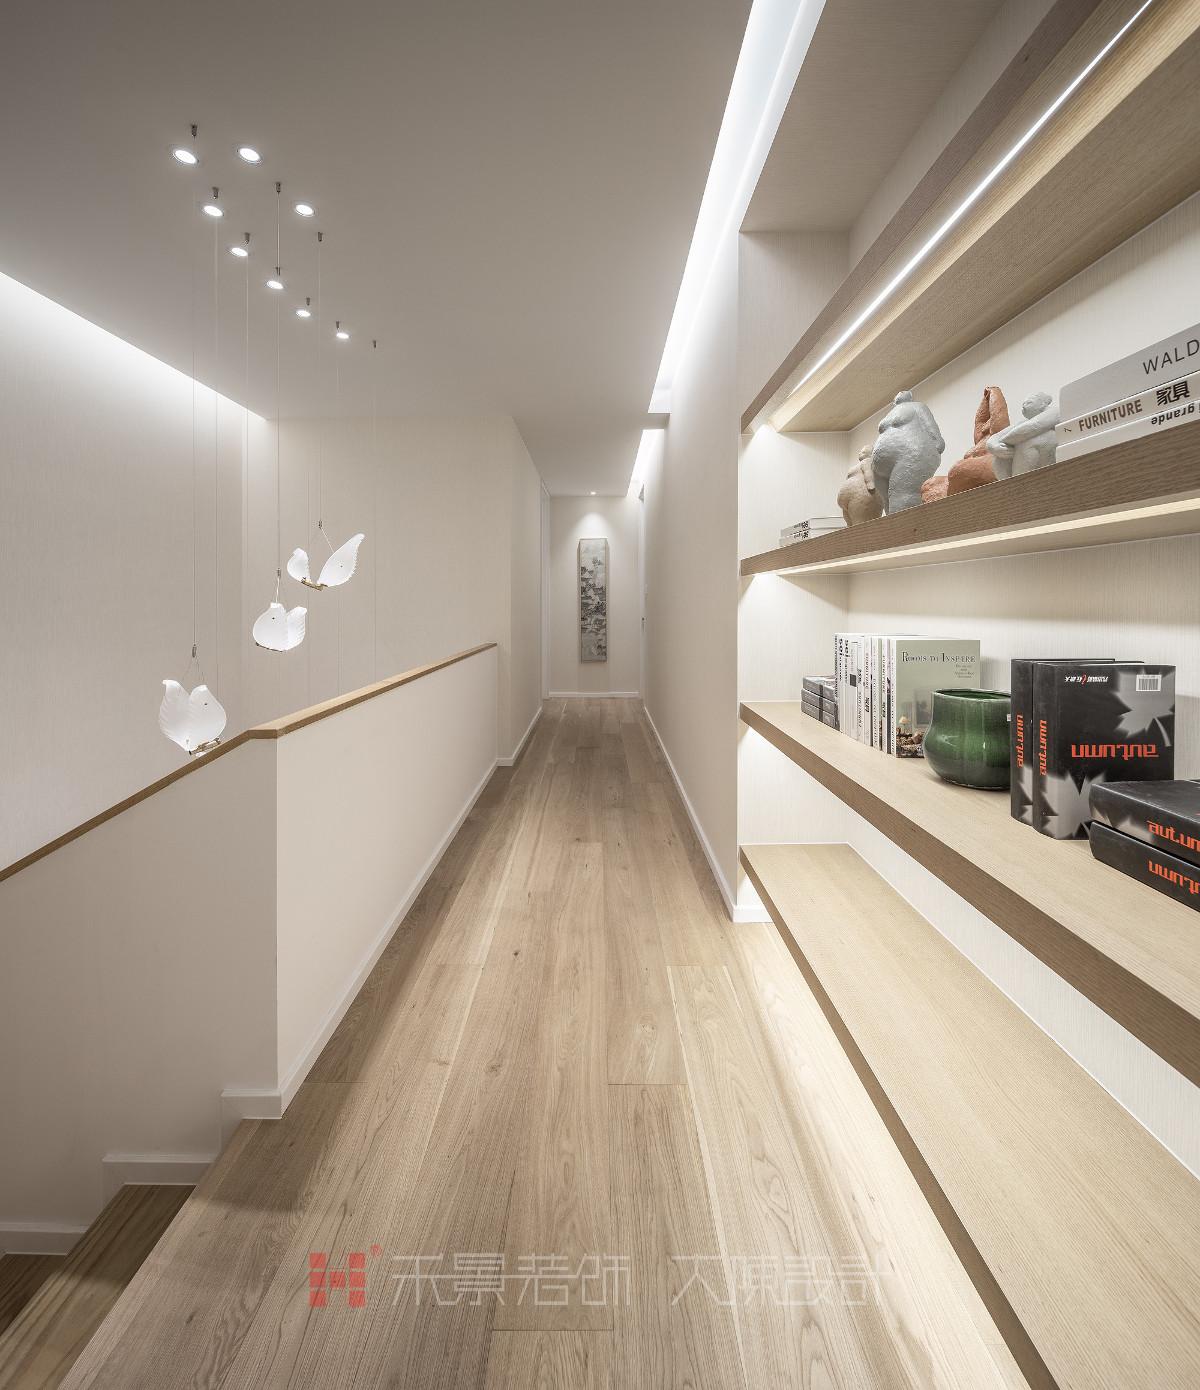 生活细节是对设计最真实的考量,归家就是归心,从入门的指纹锁、感应的楼梯灯、转角处的挂画……一个个细微之处的设计,以其贴心的功能让人倍感温暖。